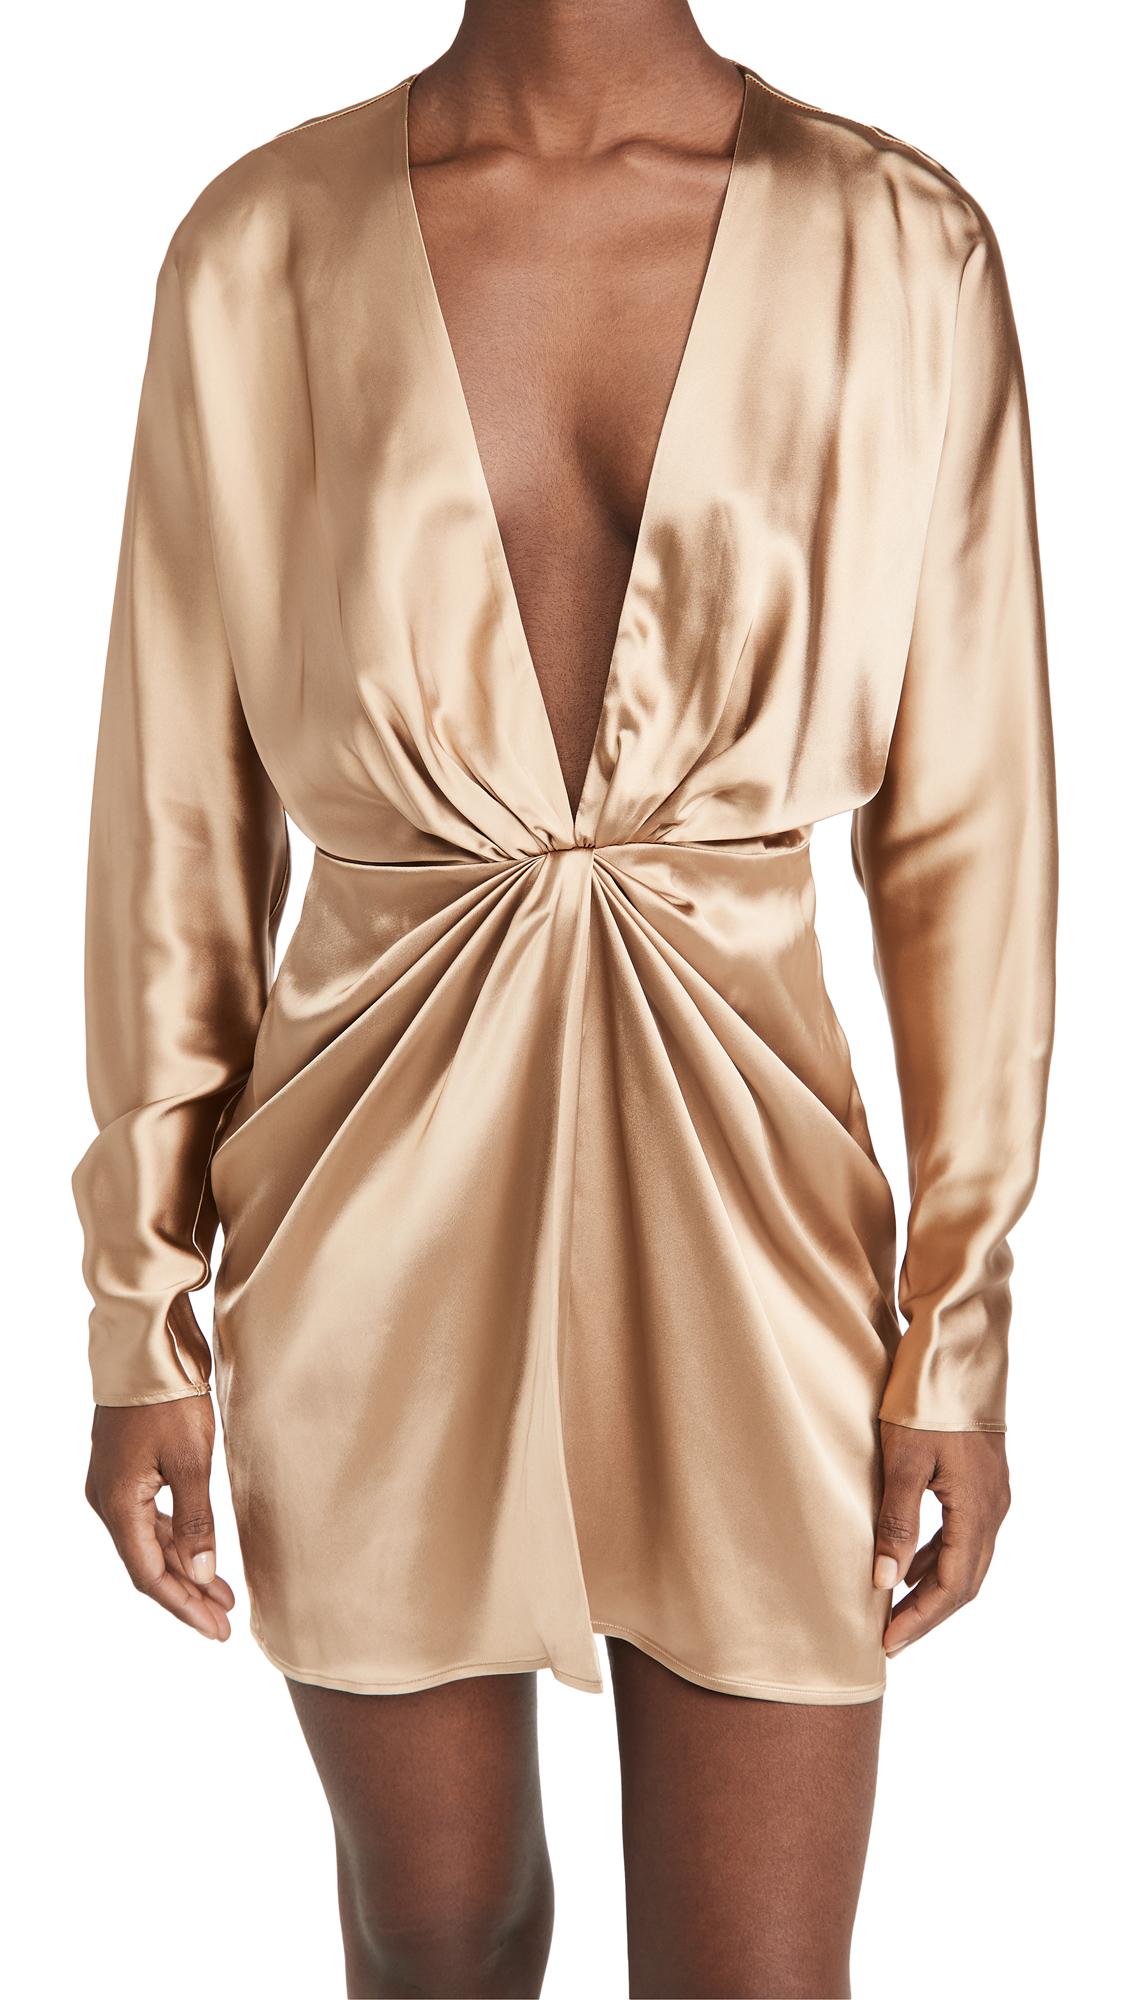 GAUGE81 Shibu Short Dress